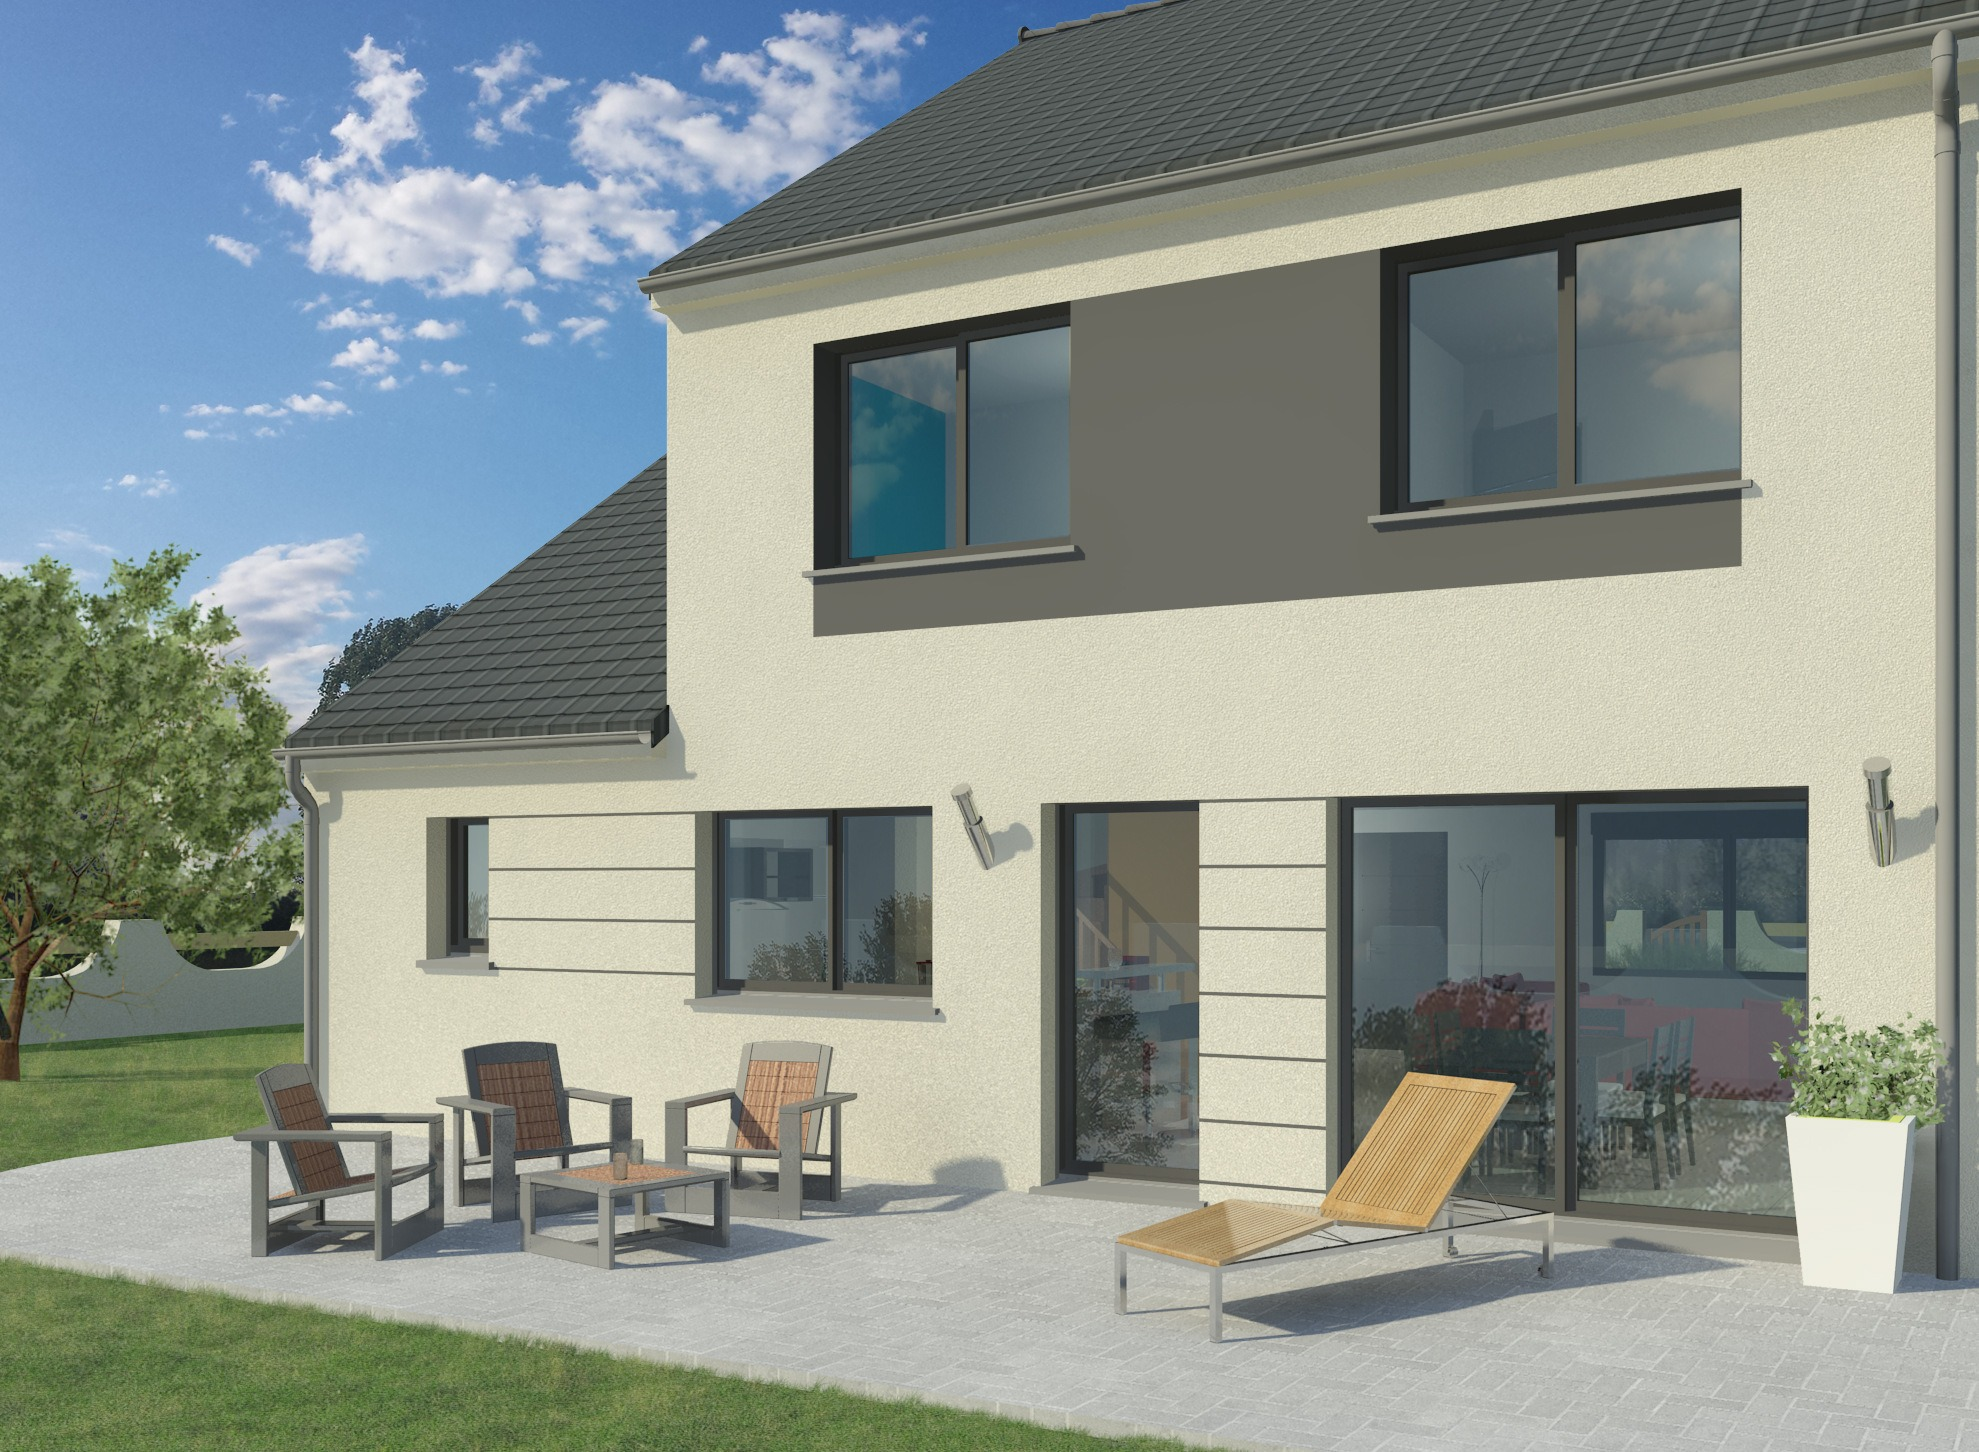 Maisons + Terrains du constructeur MAISON FAMILIALE MOISELLES/BALLER EN F • 118 m² • DAMMARTIN EN GOELE